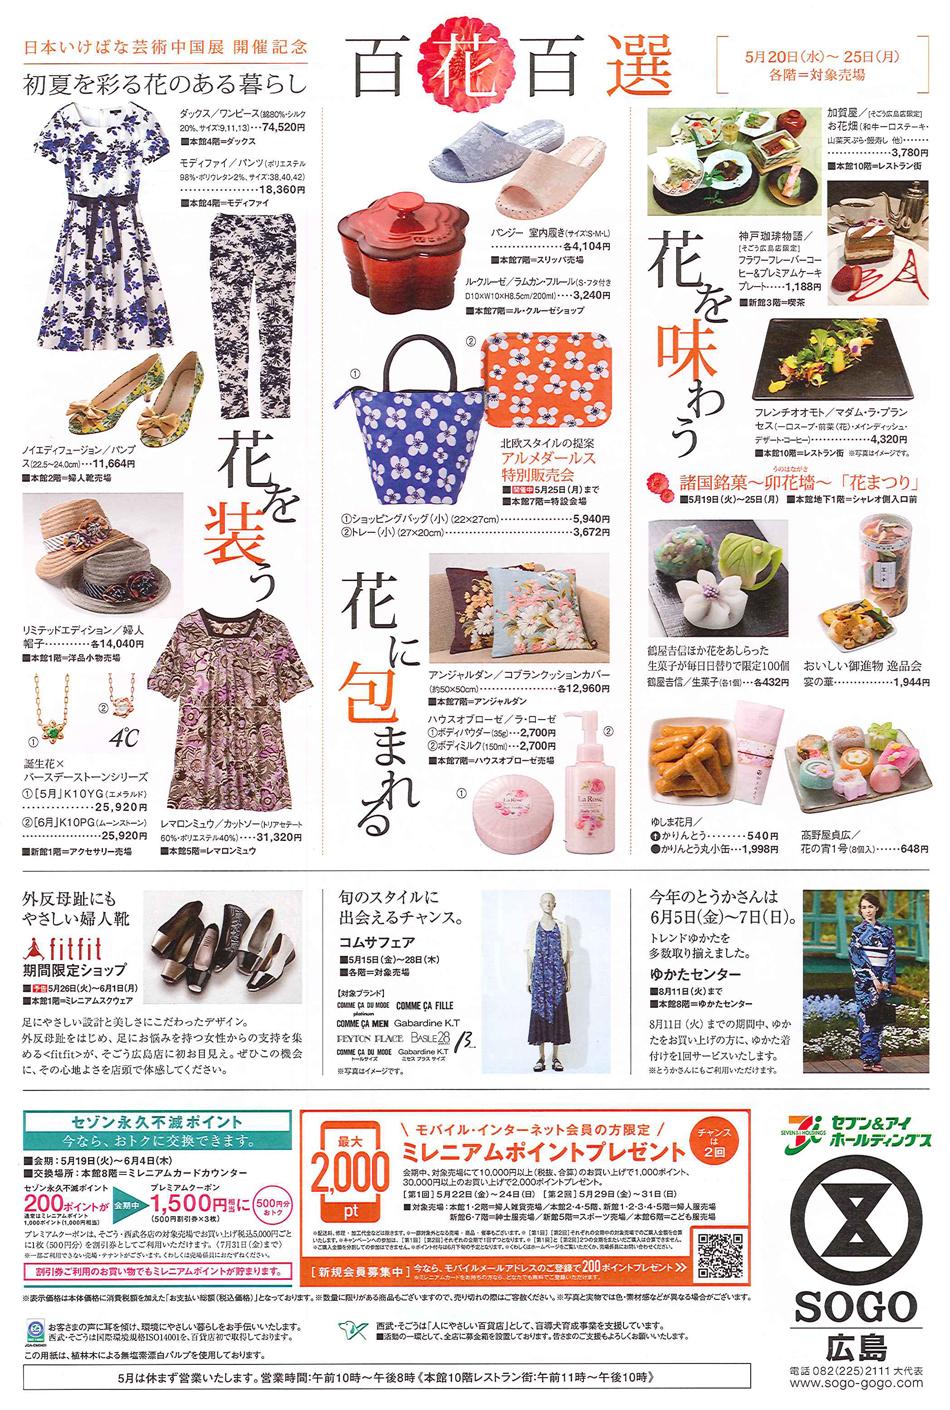 20150519-広島そごう-アルメダールス特別販売